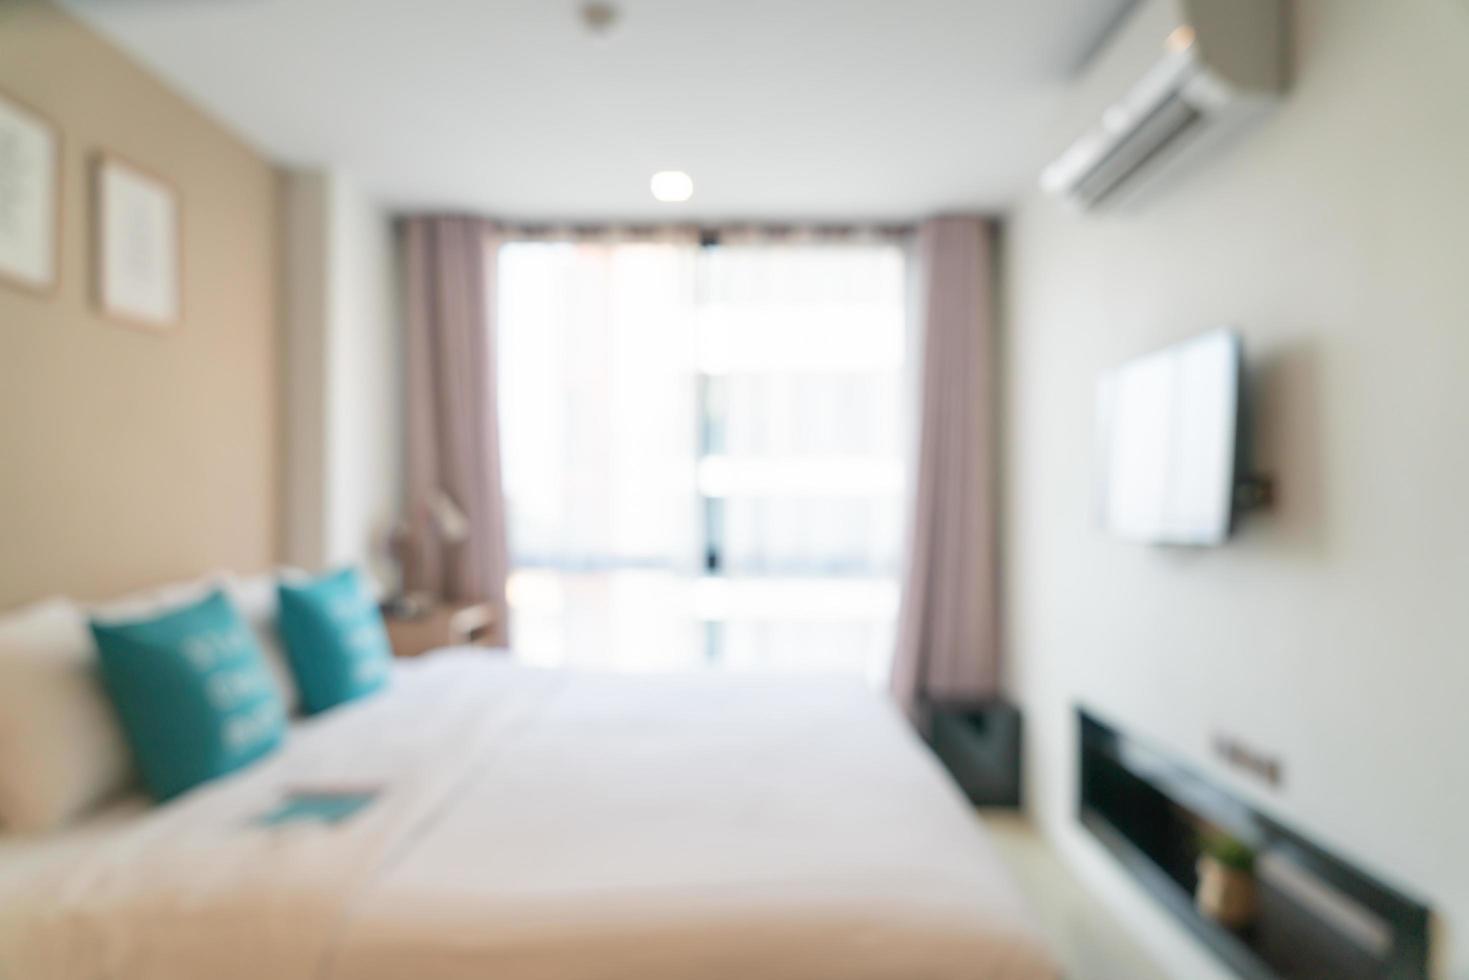 abstrakt oskärpa säng i sovrum för bakgrund foto